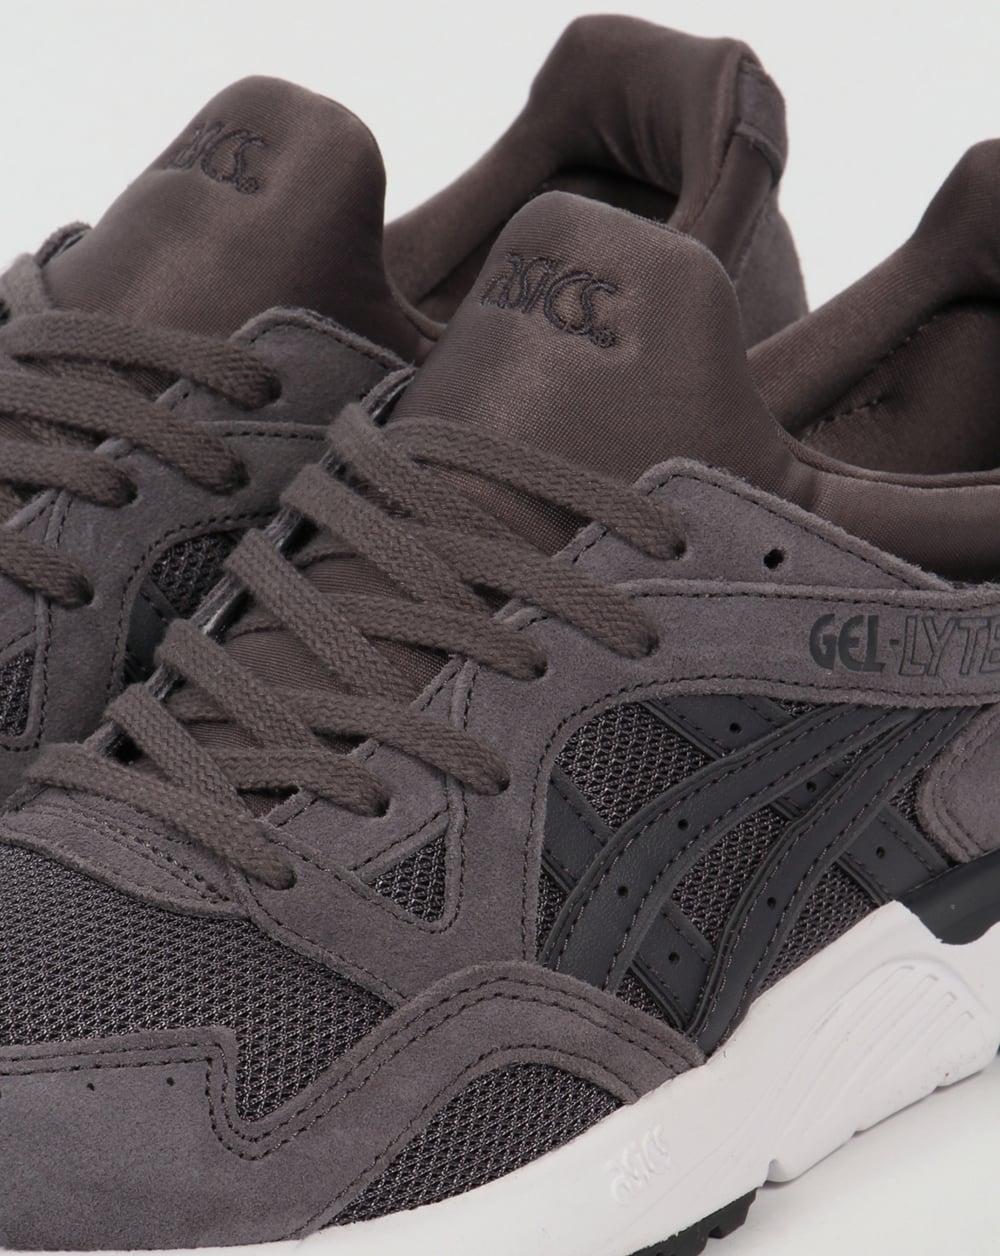 Asics Gel Lyte V chaussures carbon/dark grey u8cuTshX3